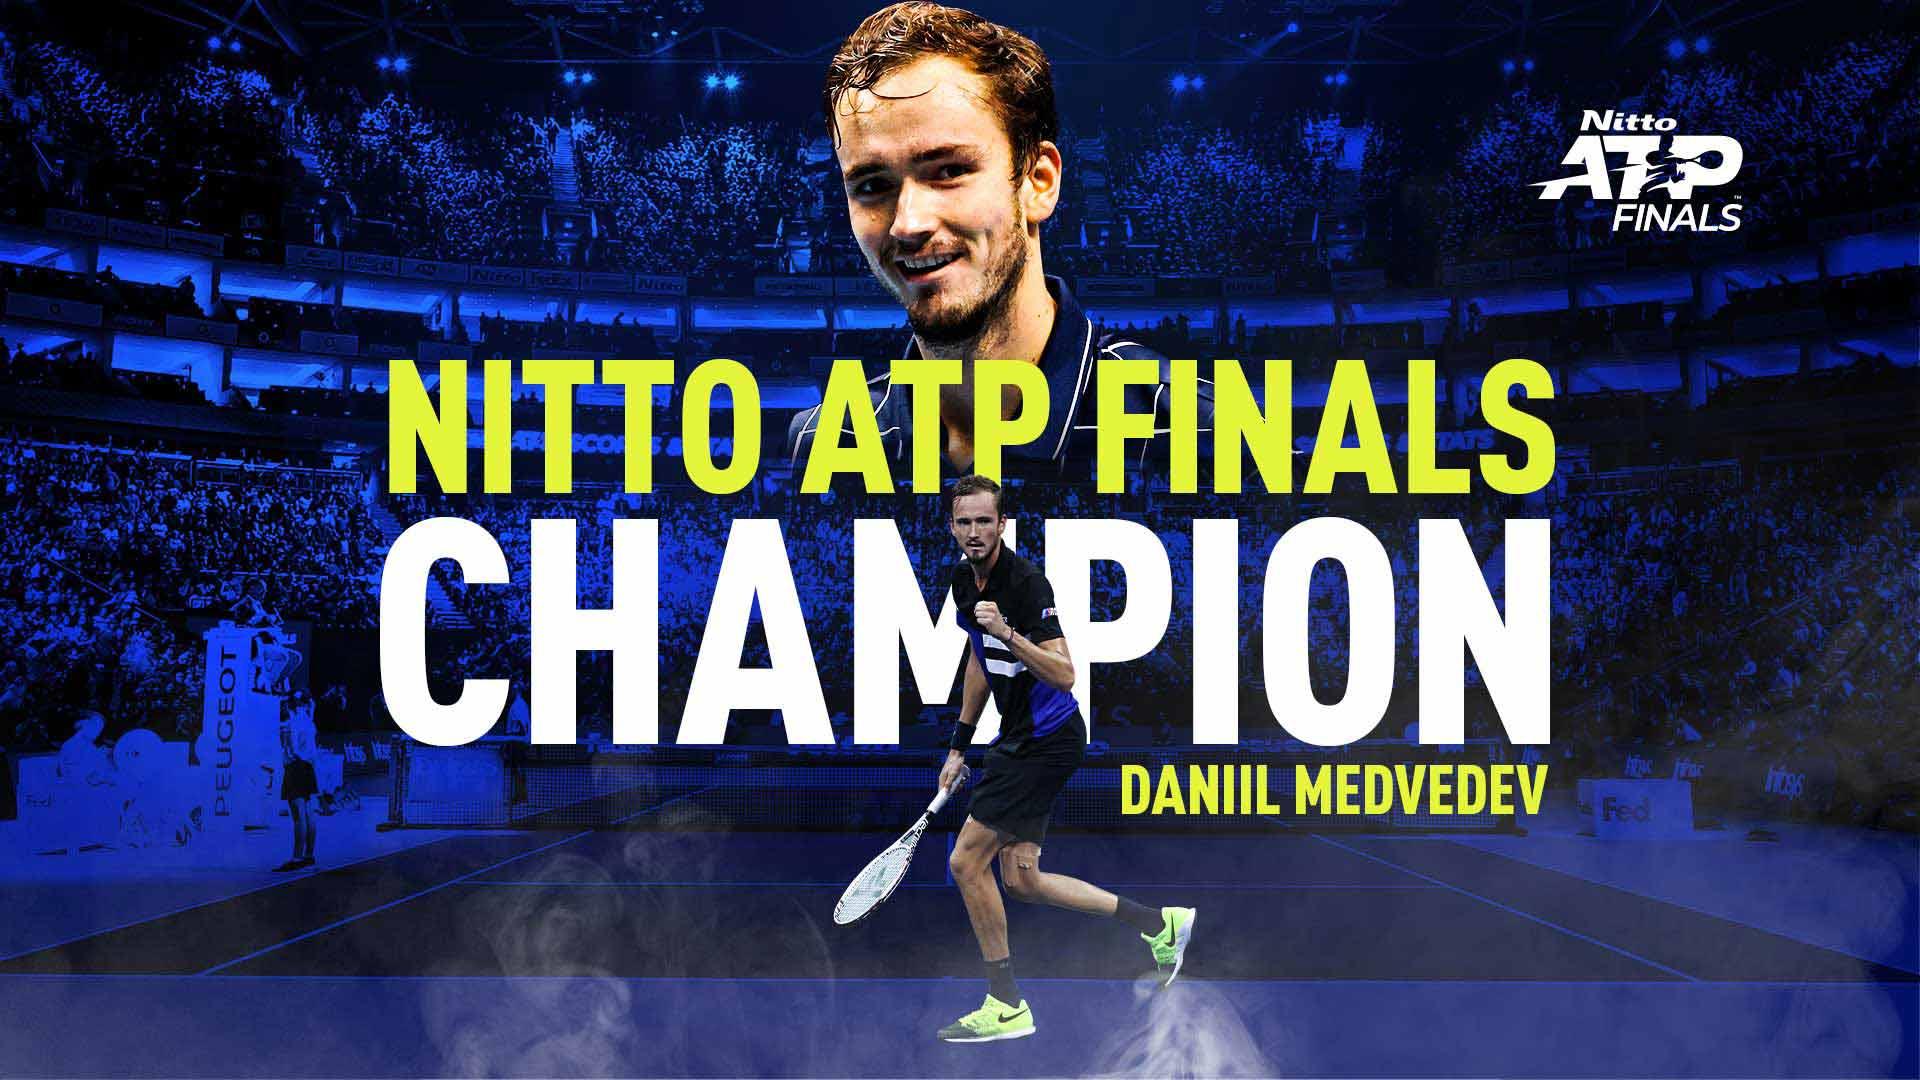 ATP年终总决赛梅德韦杰夫夺冠,击败世界前三创造历史